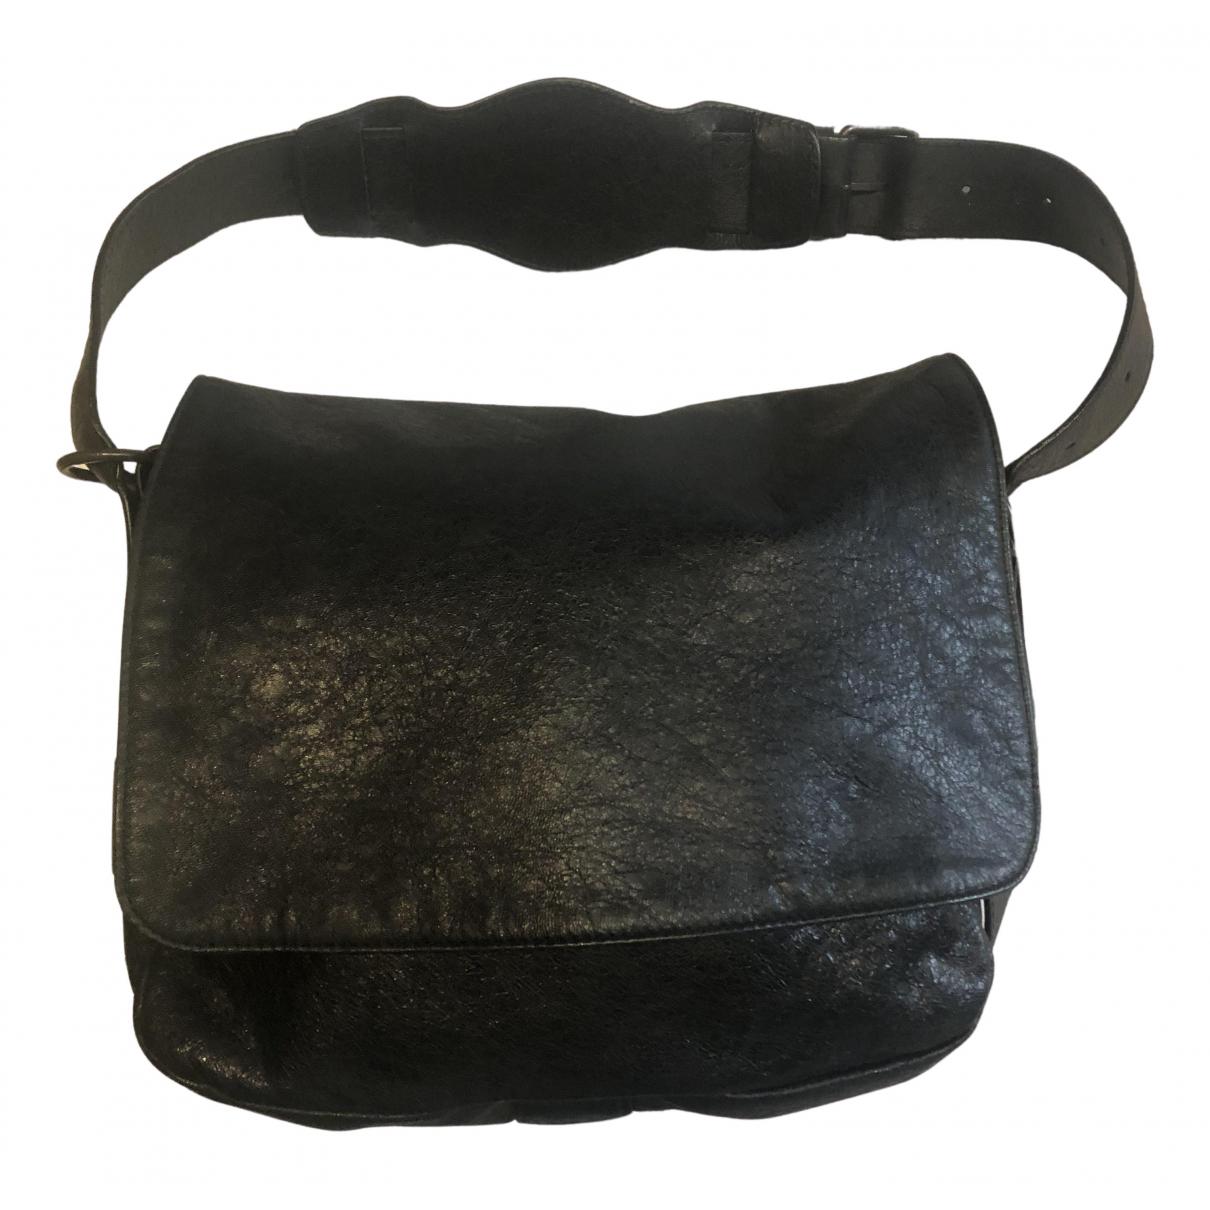 Balenciaga - Sac a main   pour femme en cuir - noir